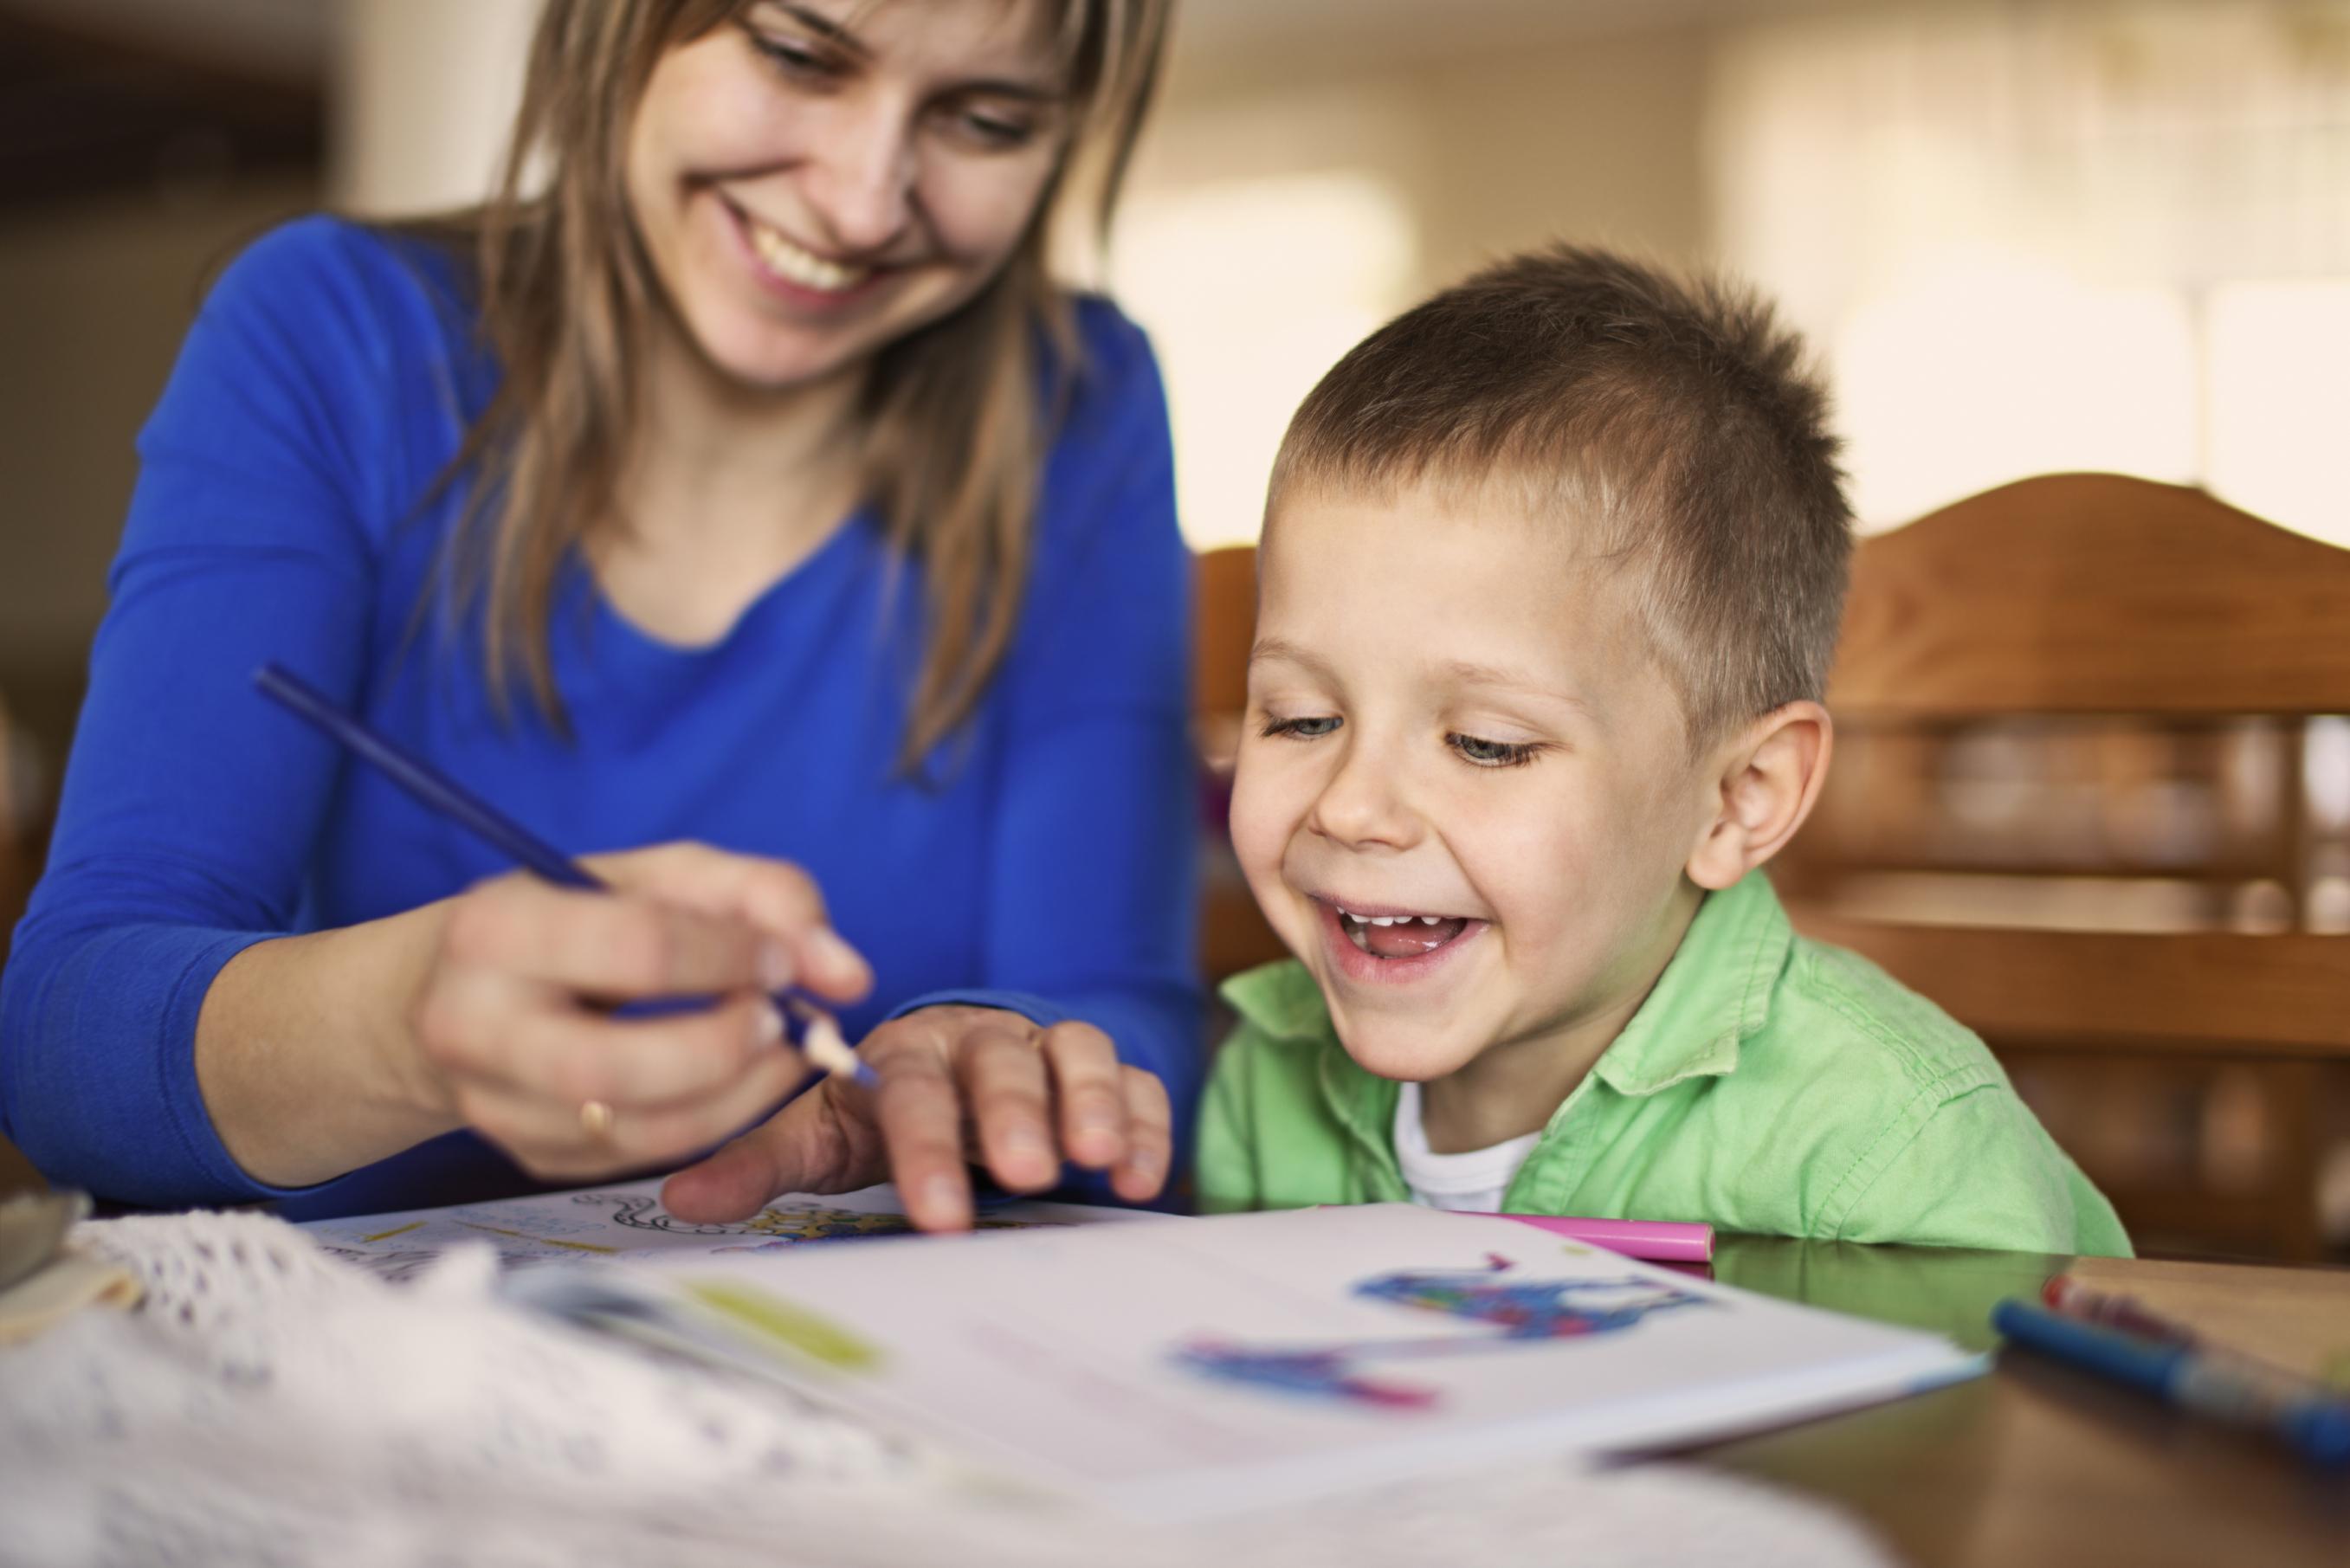 Фото и картинки с учащимися и детьми